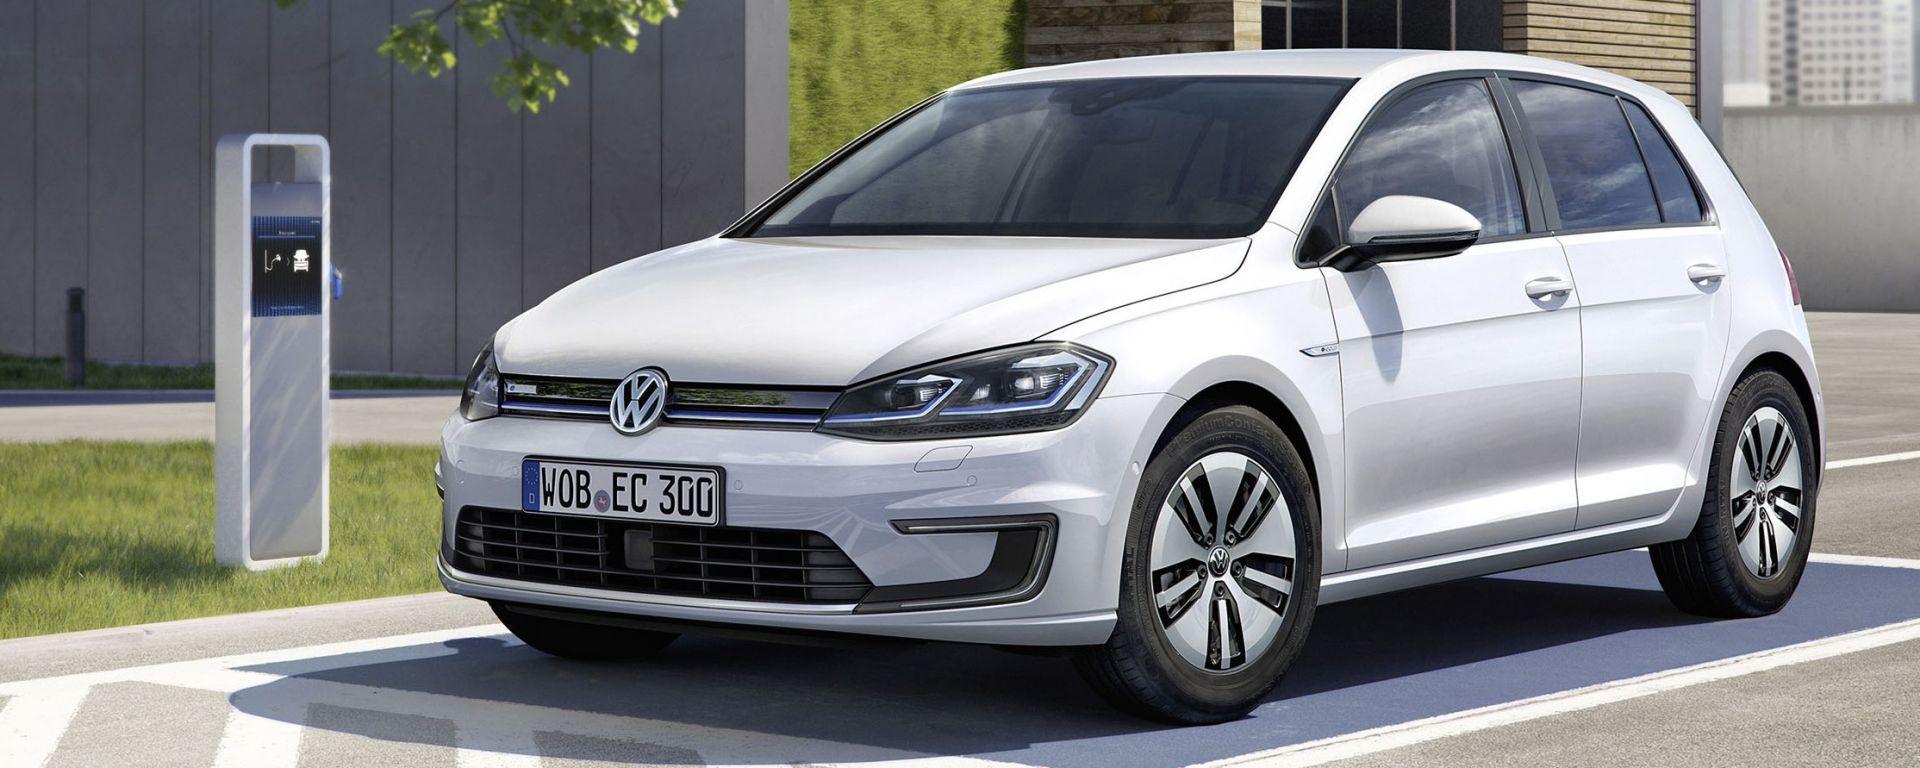 Volkswagen punta su QuantumScape per le batterie a stato solido